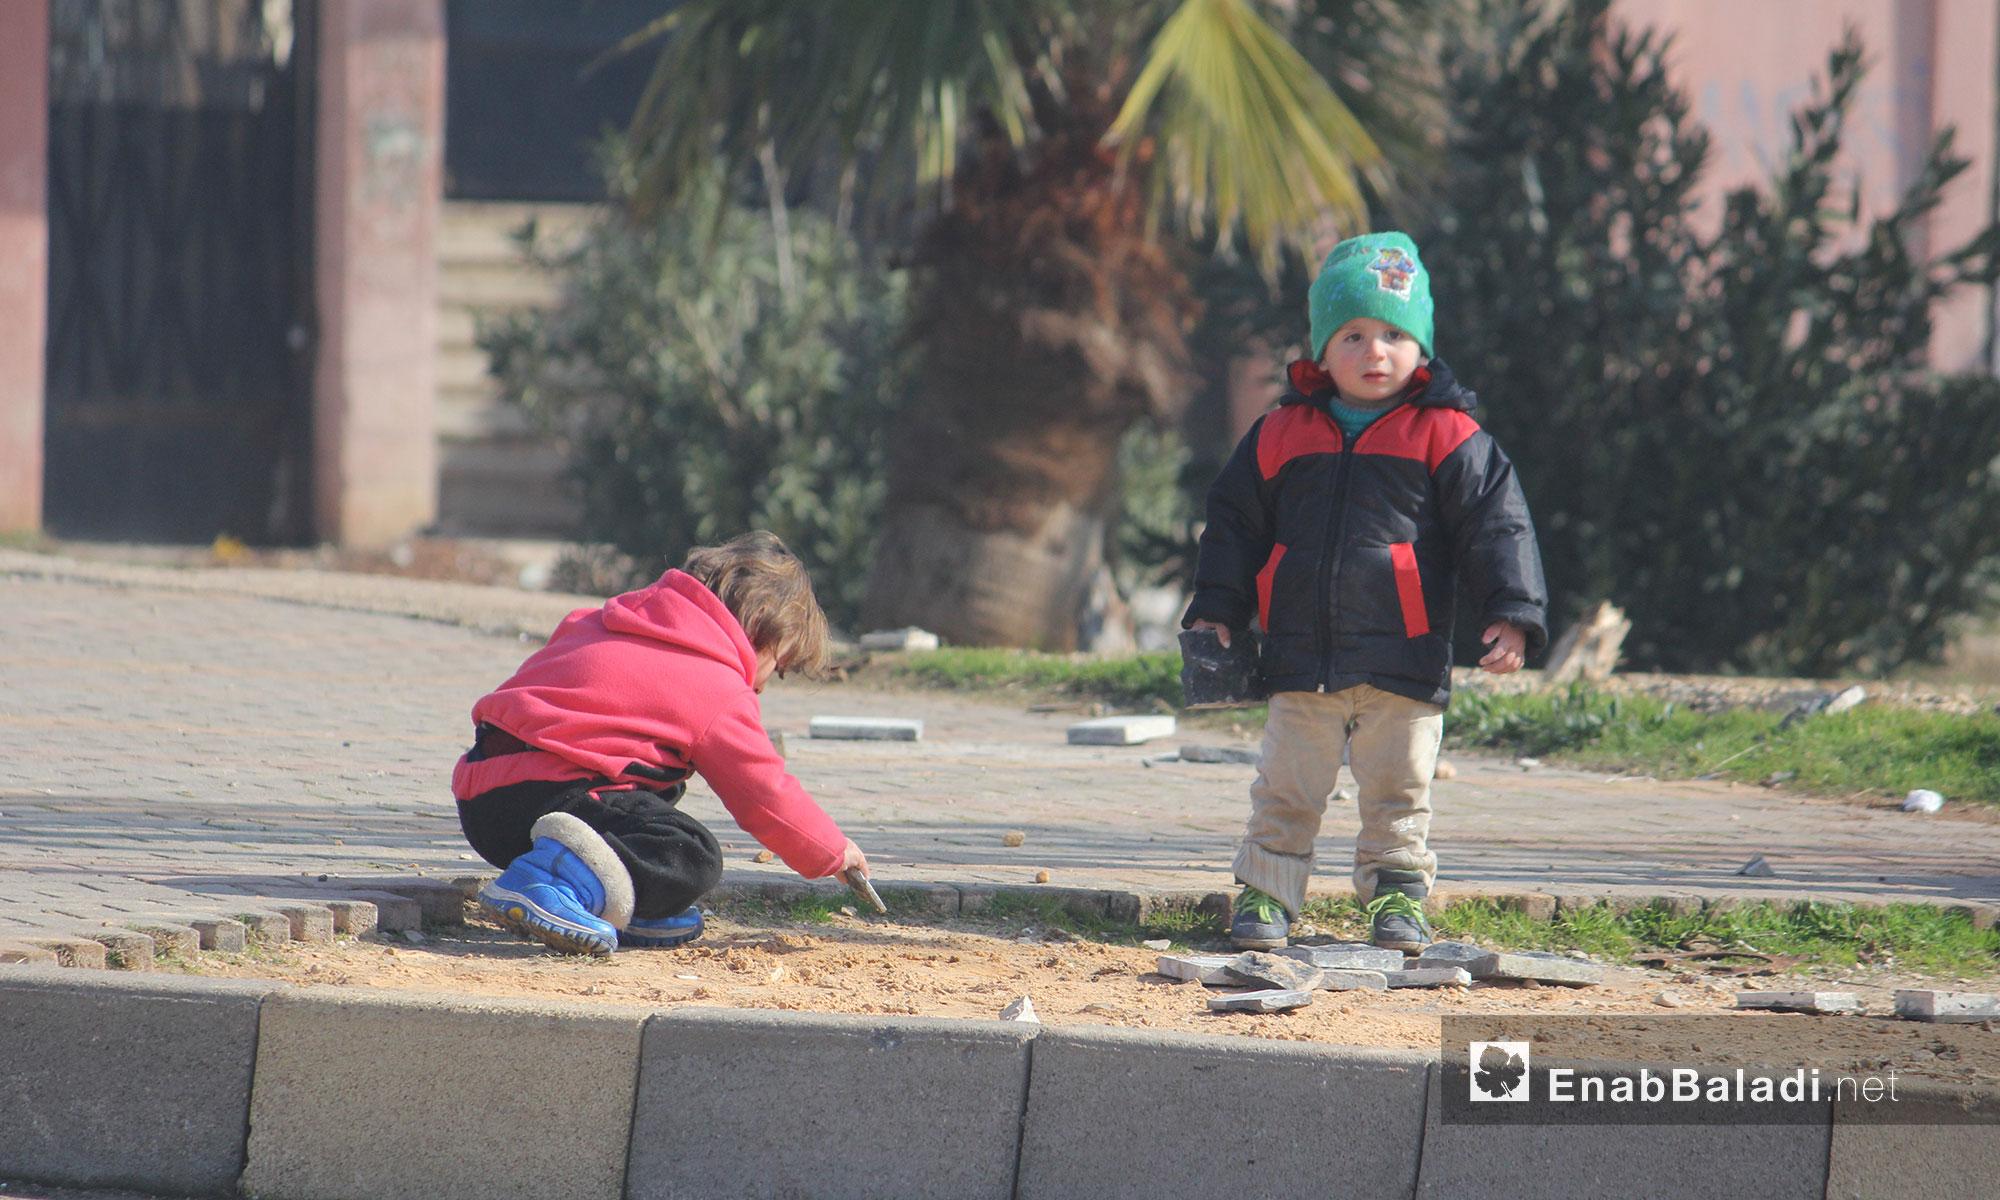 طفلان يلعبان في حي الوعر بمدينة حمص - 21 كانون الثاني 2017 (عنب بلدي)